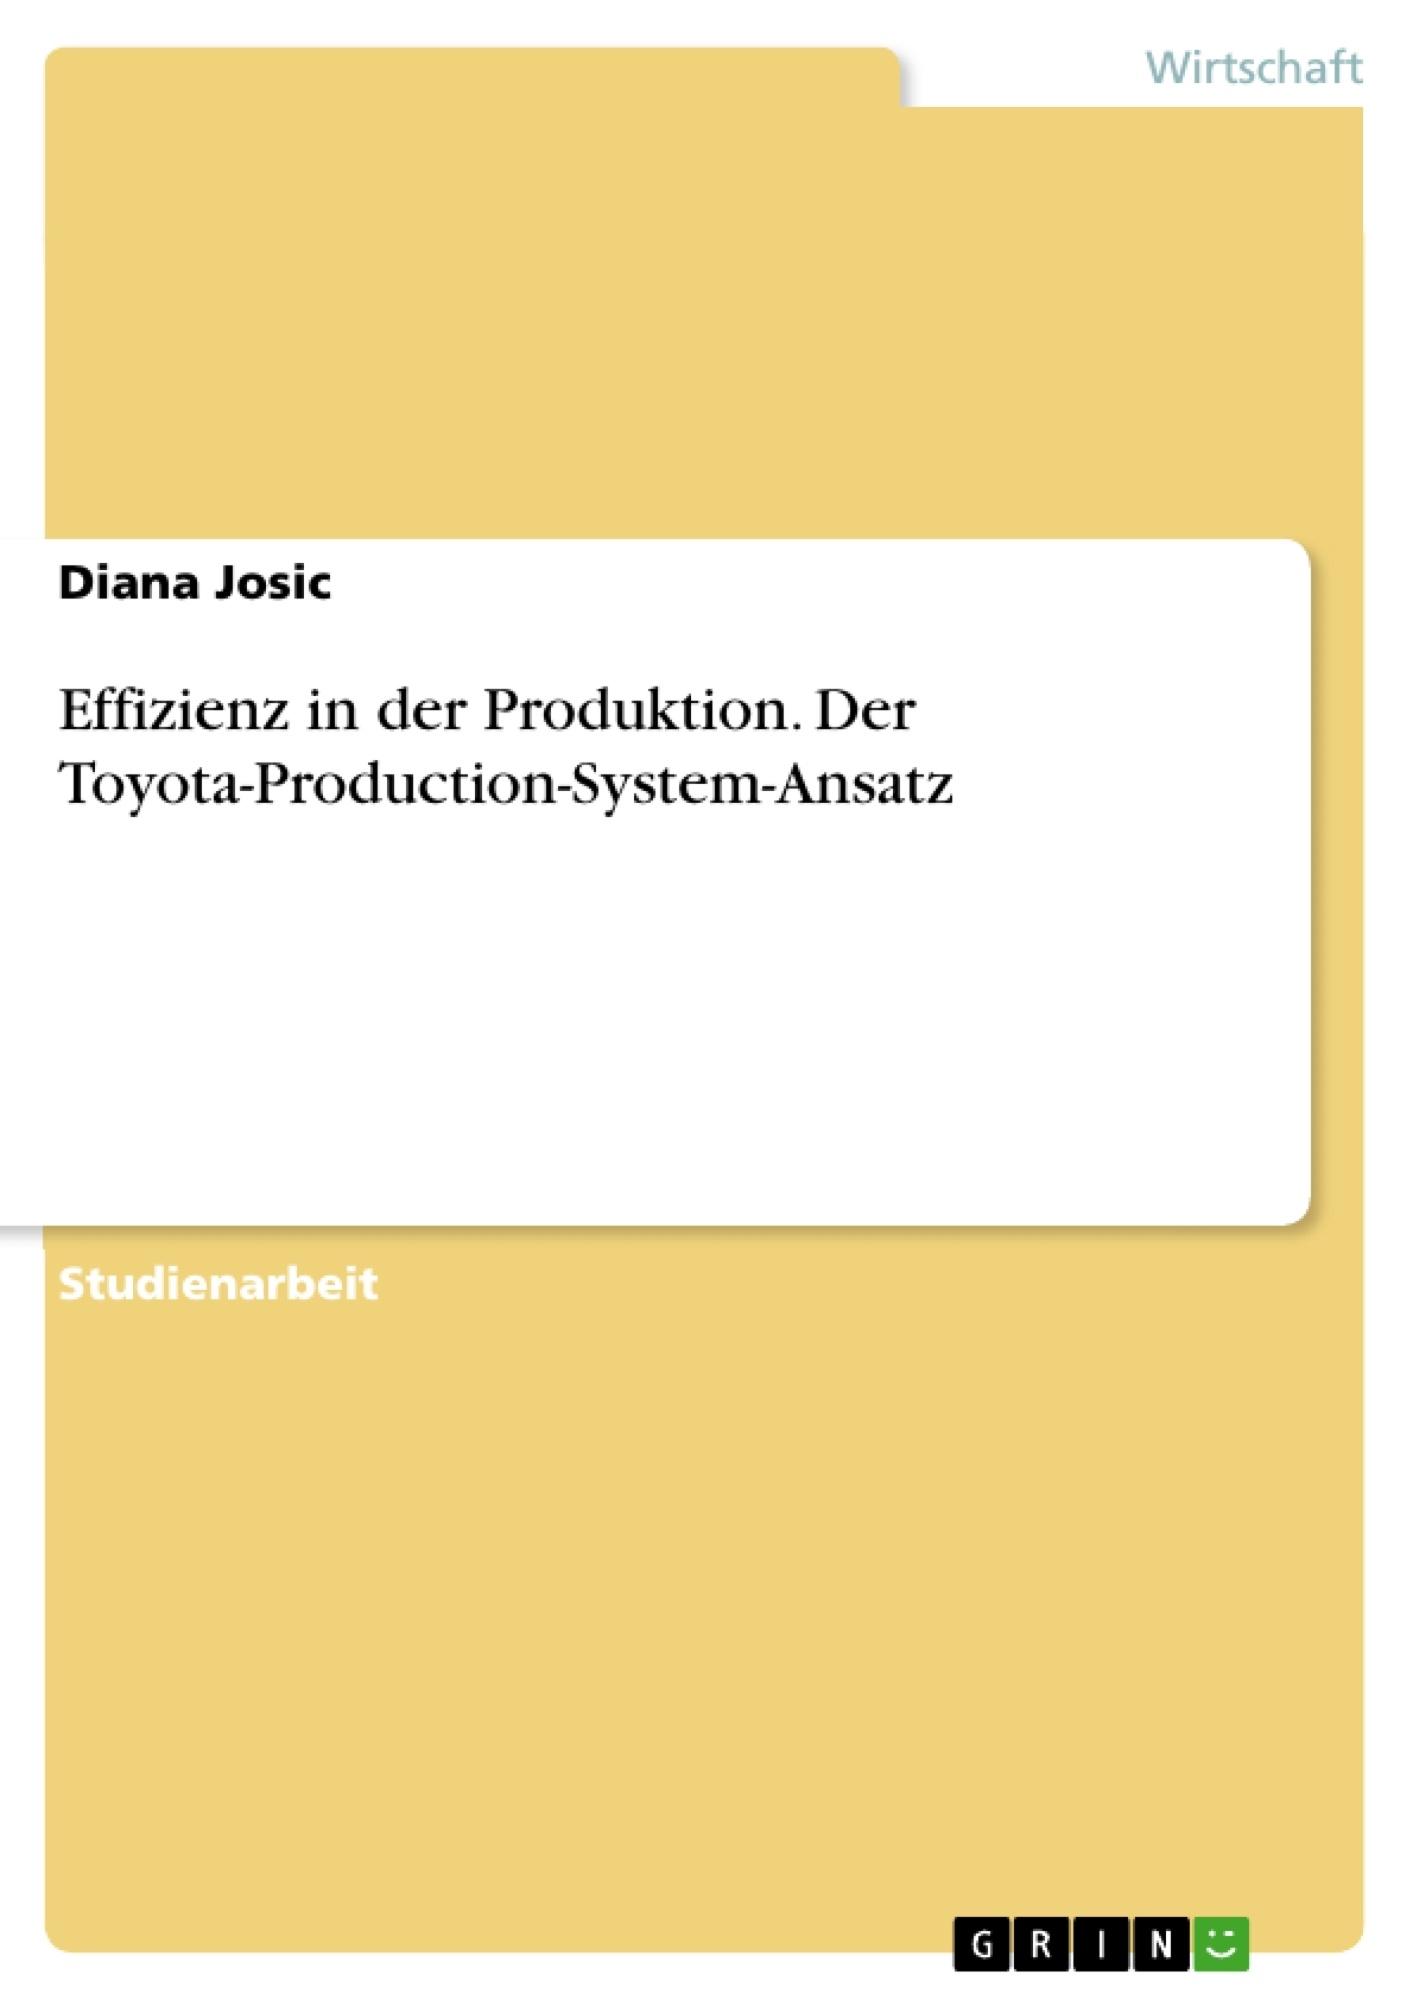 Titel: Effizienz in der Produktion. Der Toyota-Production-System-Ansatz